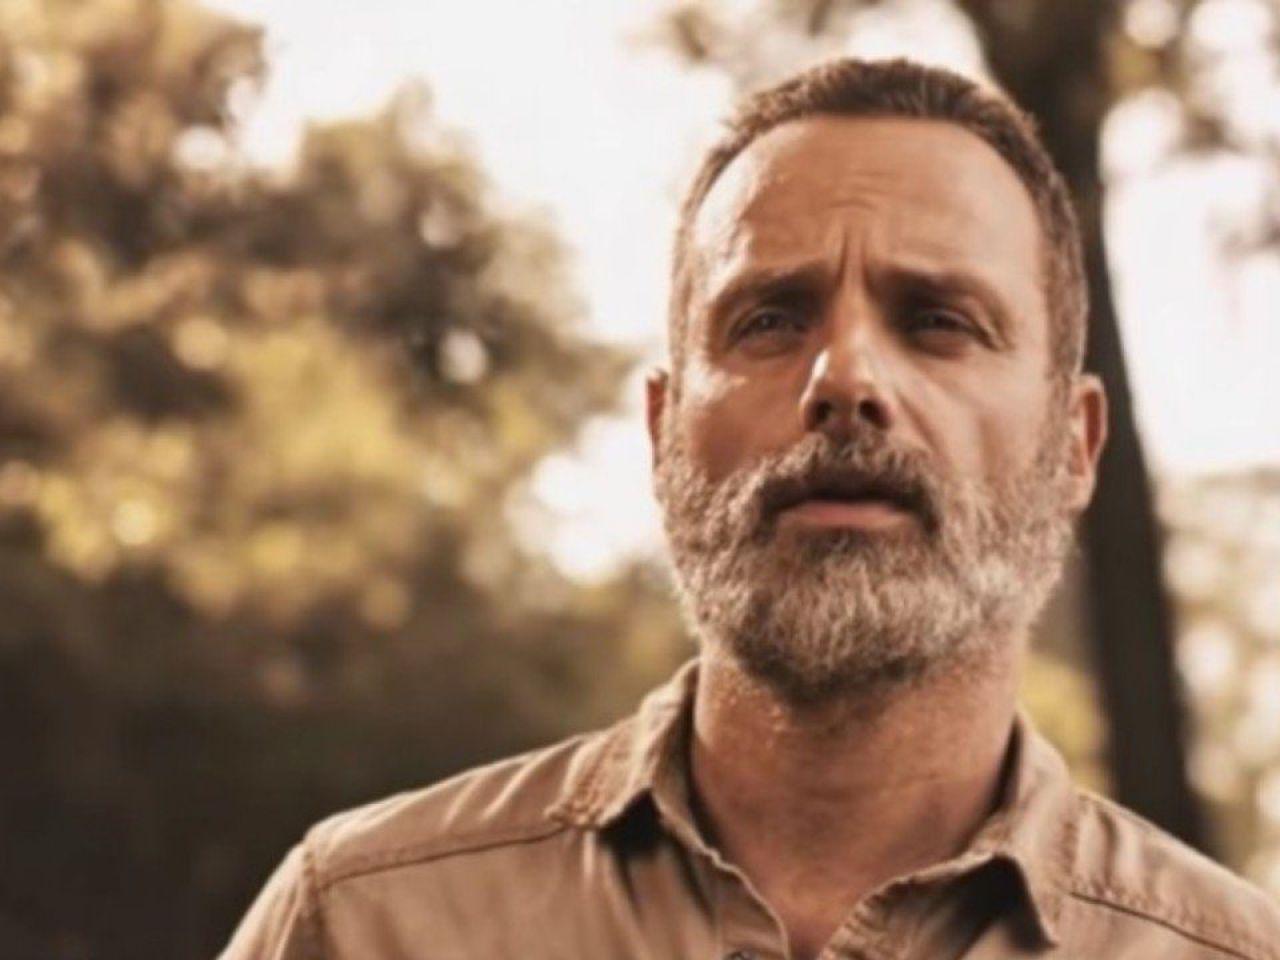 Andrew Lincoln di The Walking Dead avvistato sul set di un film in Australia